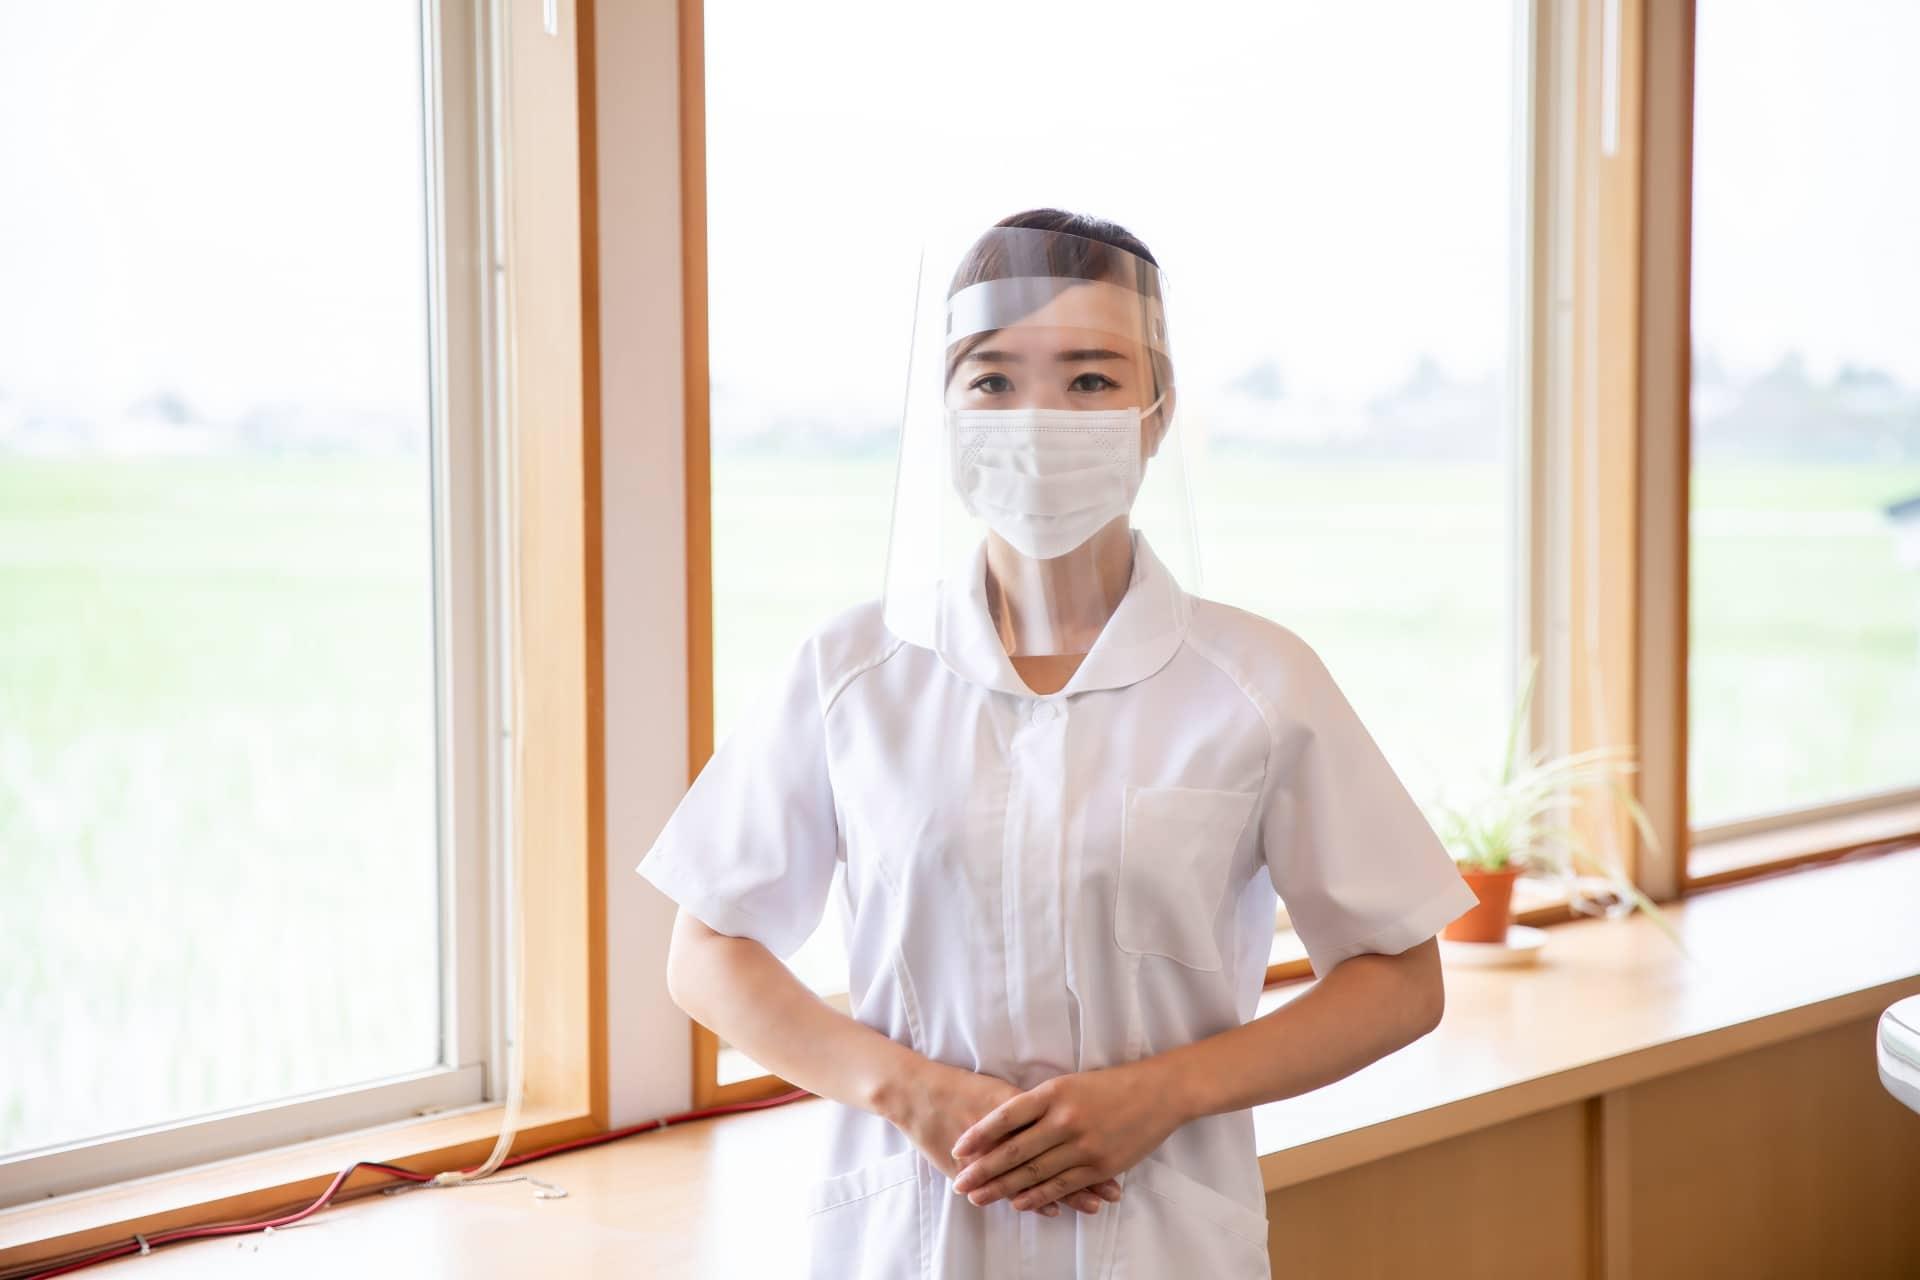 歯科衛生士の女性